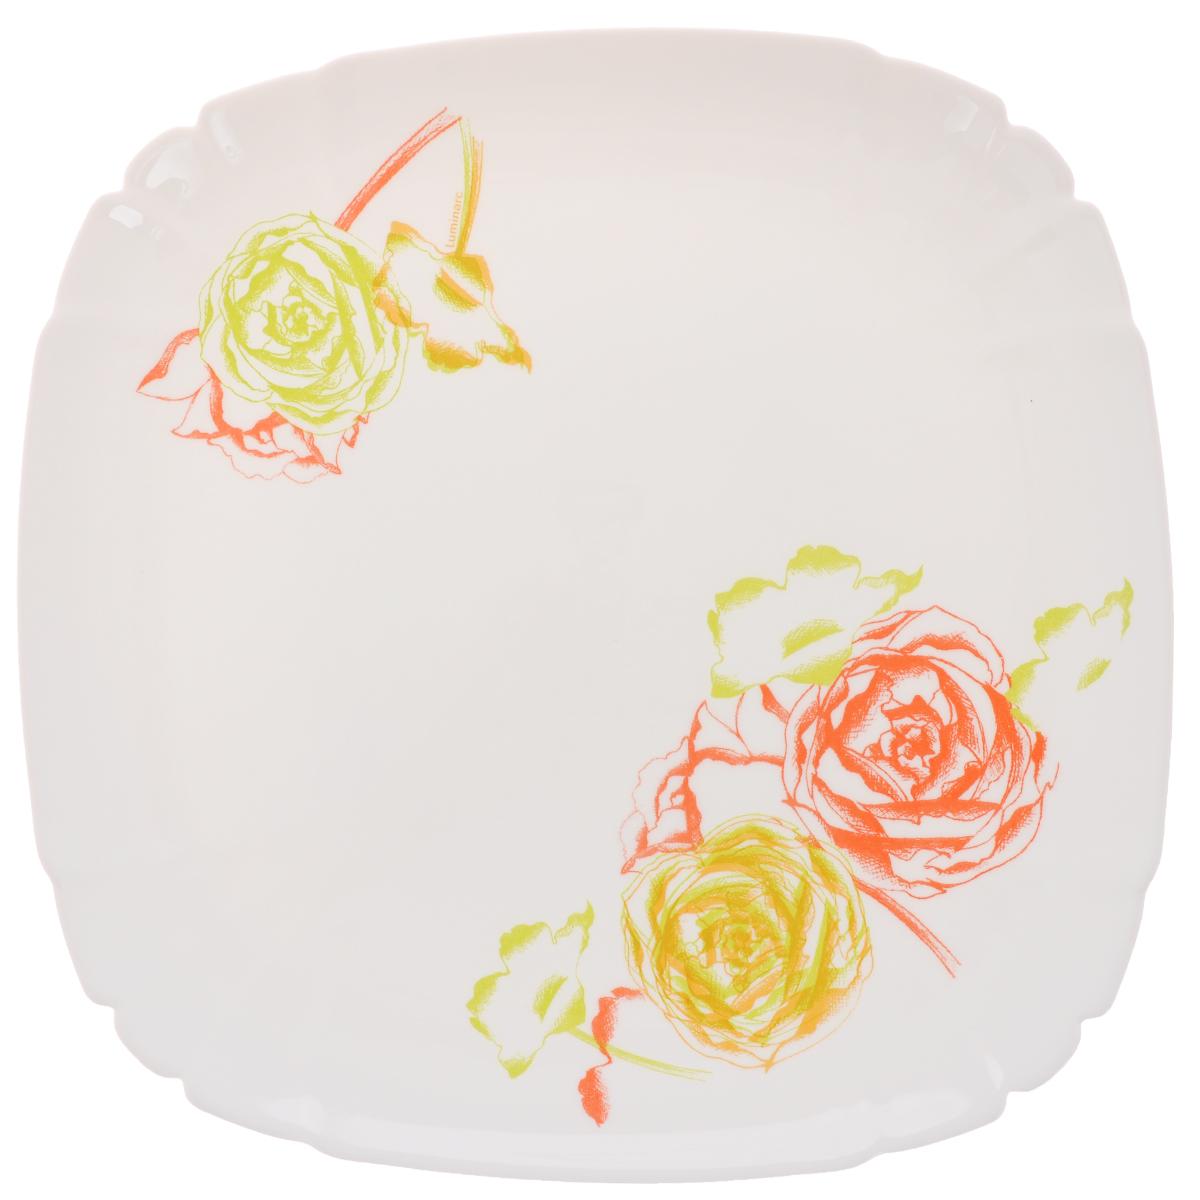 Тарелка обеденная Luminarc Amaria, 26 х 26 смJ1823Обеденная тарелка Luminarc Amaria, изготовленная из высококачественного стекла, имеет изысканный внешний вид. Яркий дизайн придется по вкусу и ценителям классики, и тем, кто предпочитает утонченность. Тарелка Luminarc Amaria идеально подойдет для сервировки стола и станет отличным подарком к любому празднику. Размер тарелки (по верхнему краю): 26 х 26 см.